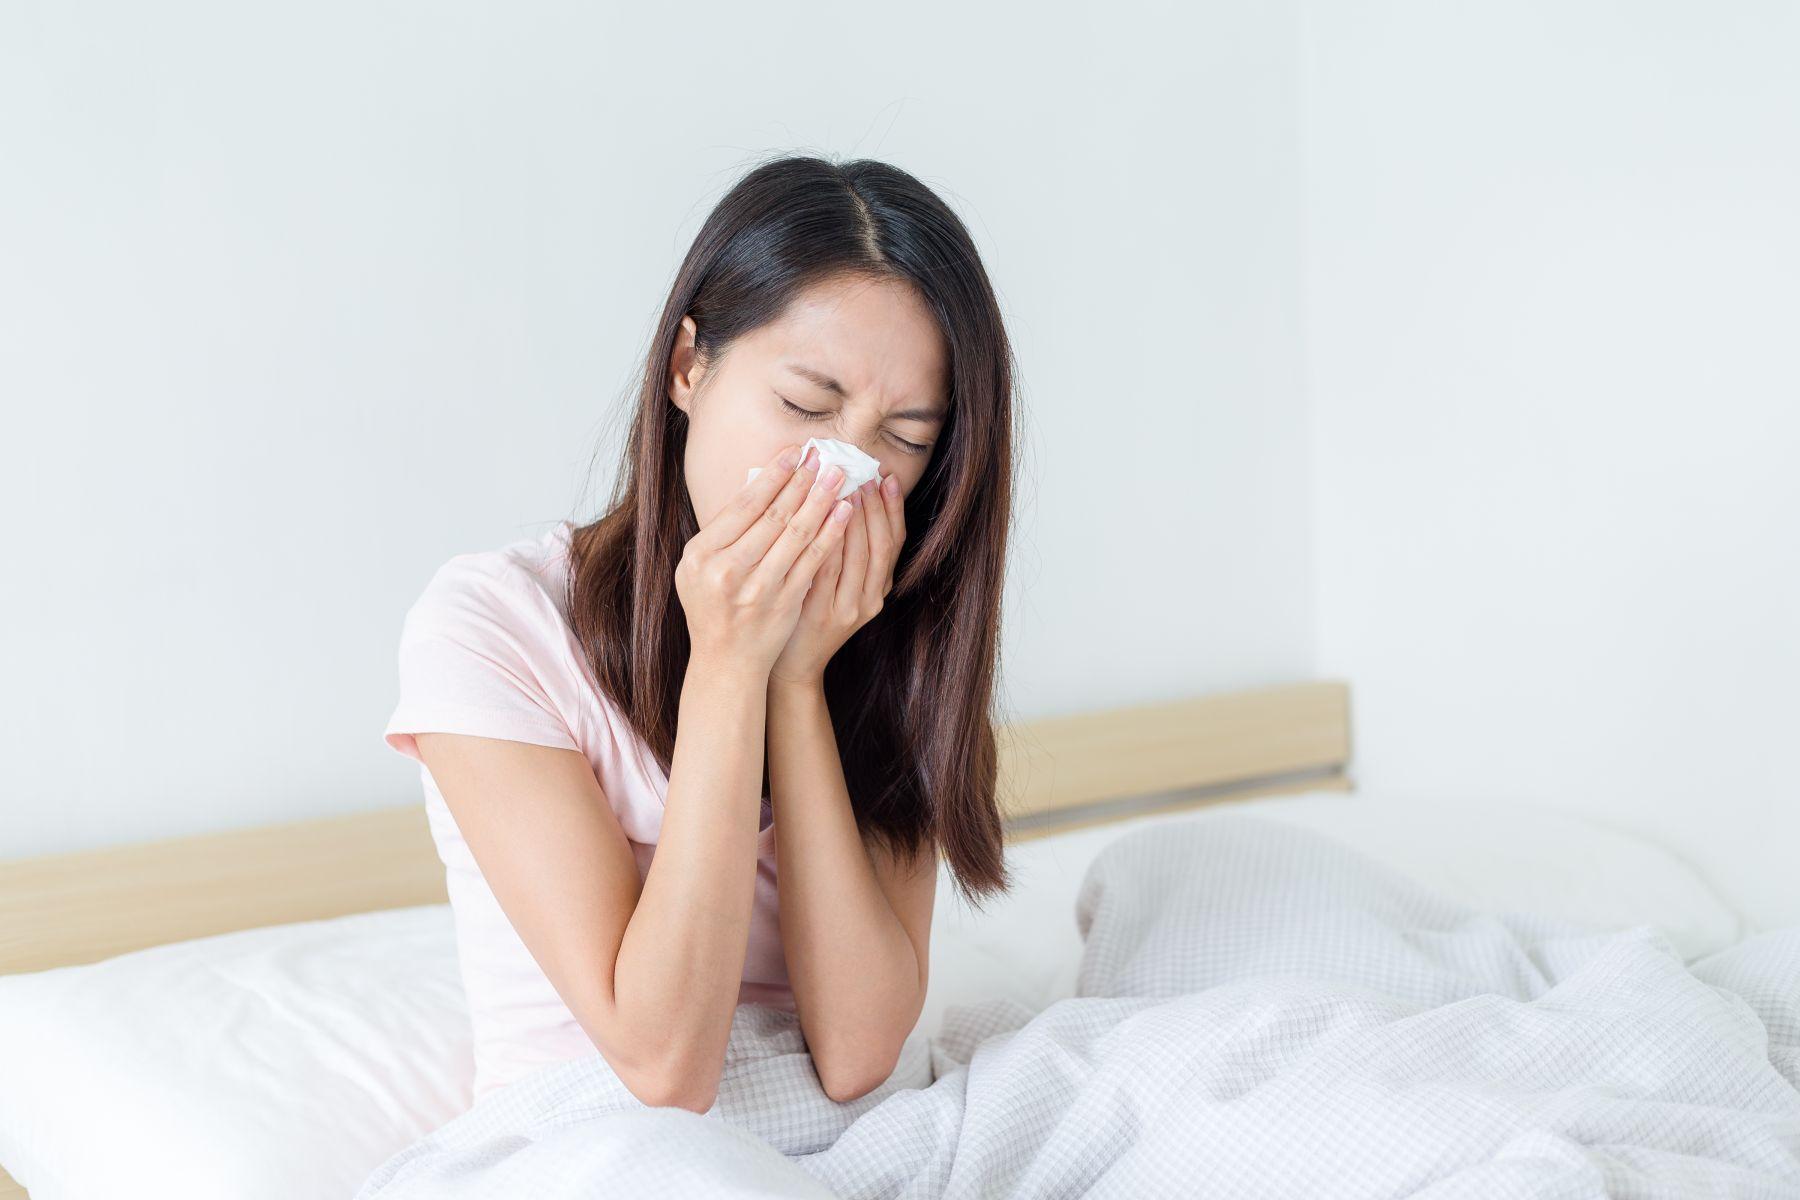 同仁去沖繩旅行得了傳染疾病,在強制隔離治療期間,員工可以請公假嗎?